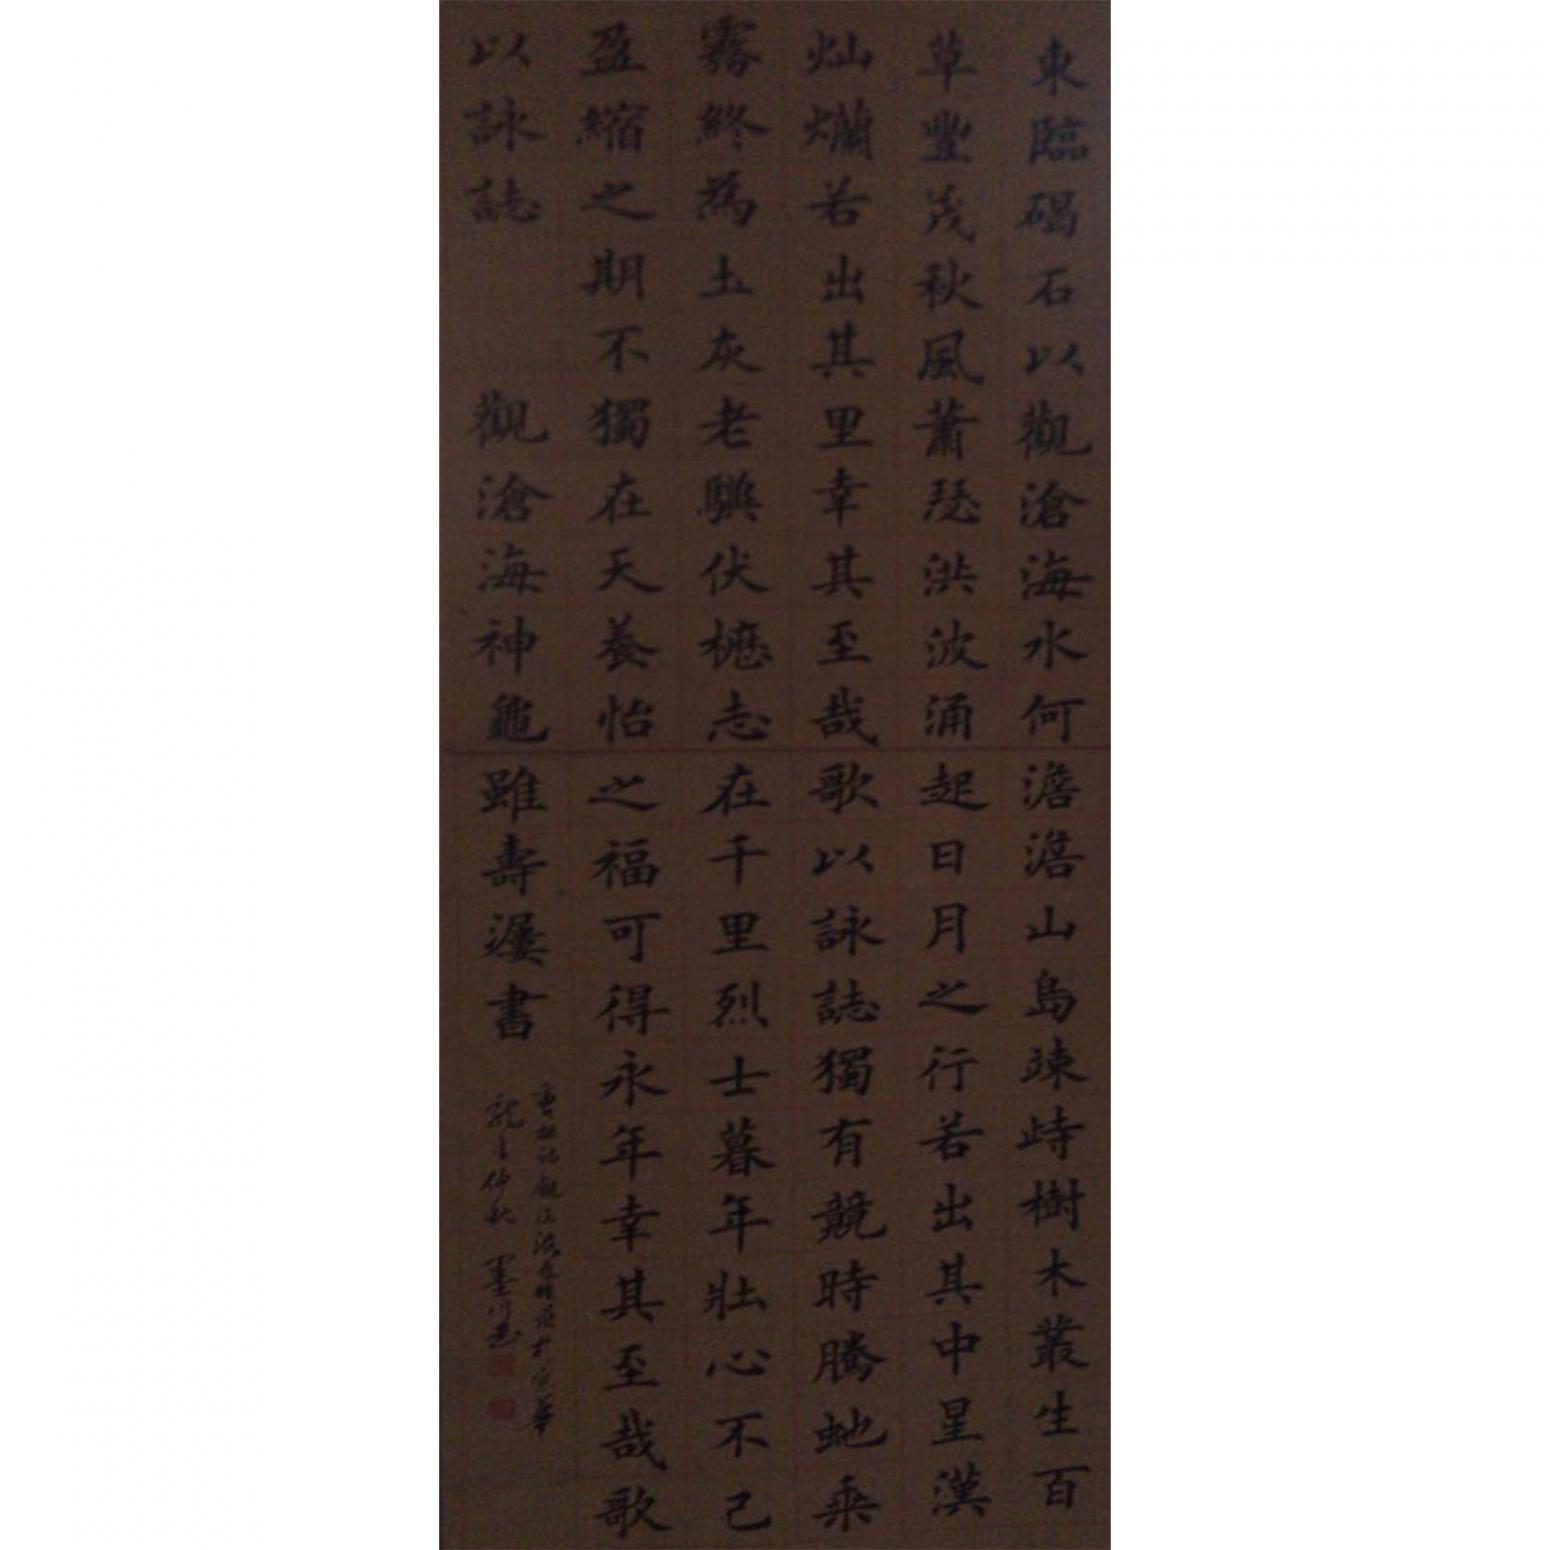 马建生书法作品《【东临碣石】作者马建生》